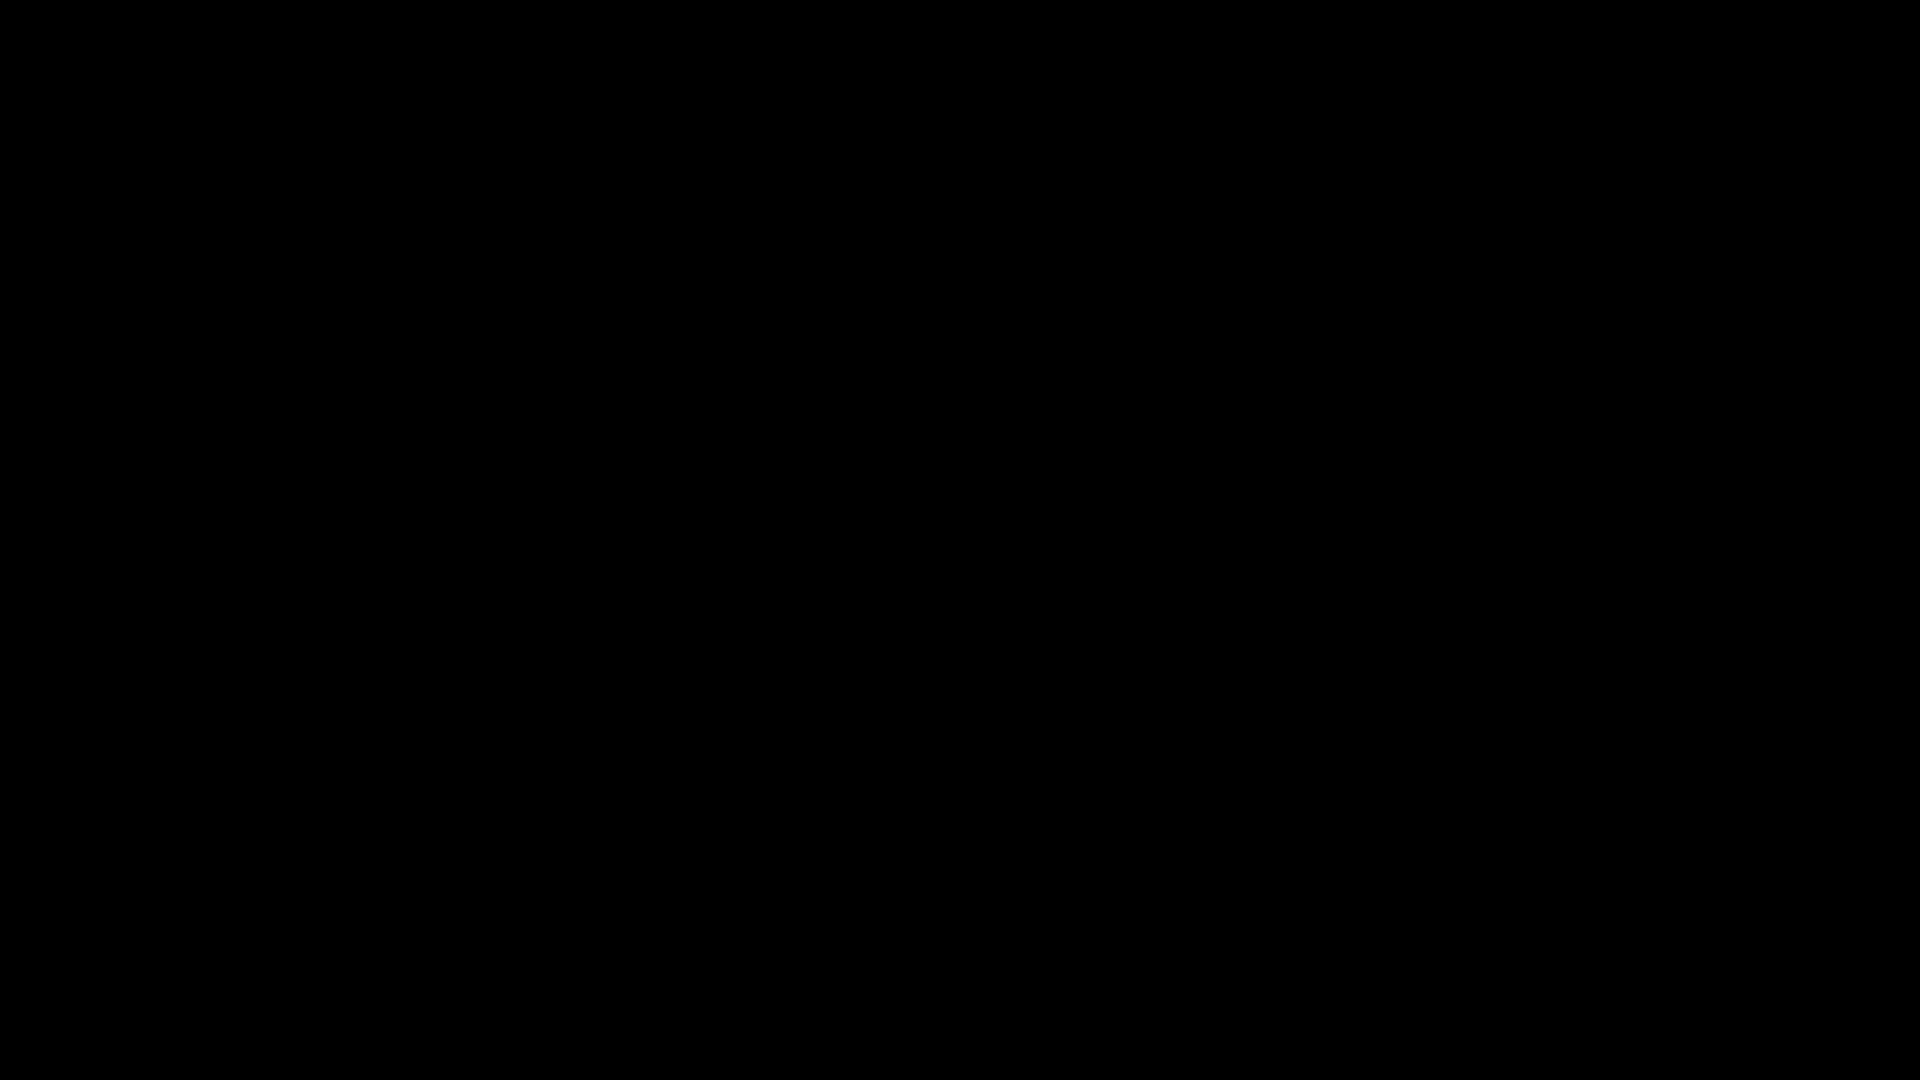 高画質露天女風呂観察 vol.032 望遠 覗きおまんこ画像 54画像 6